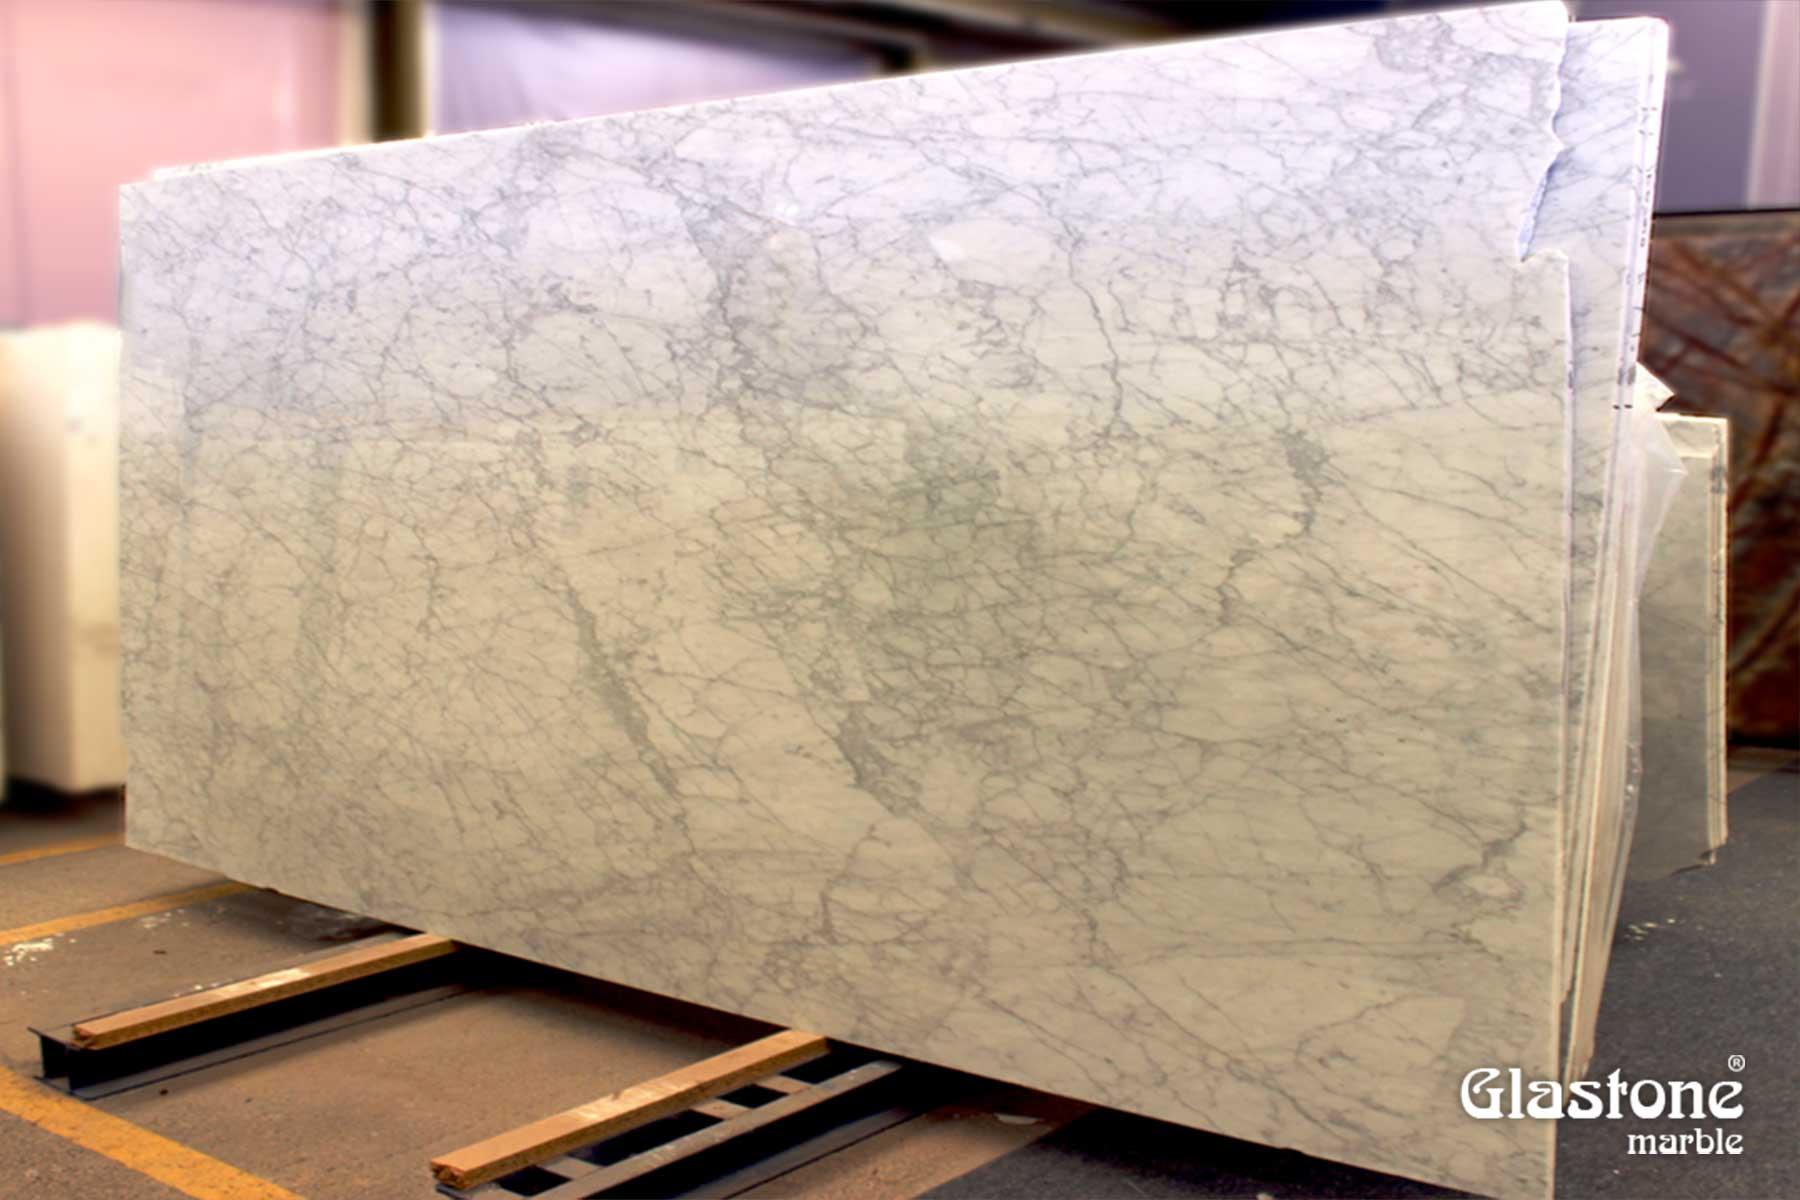 glastone marble marmol solerialaminado vidrio marmol natural blanco carrara